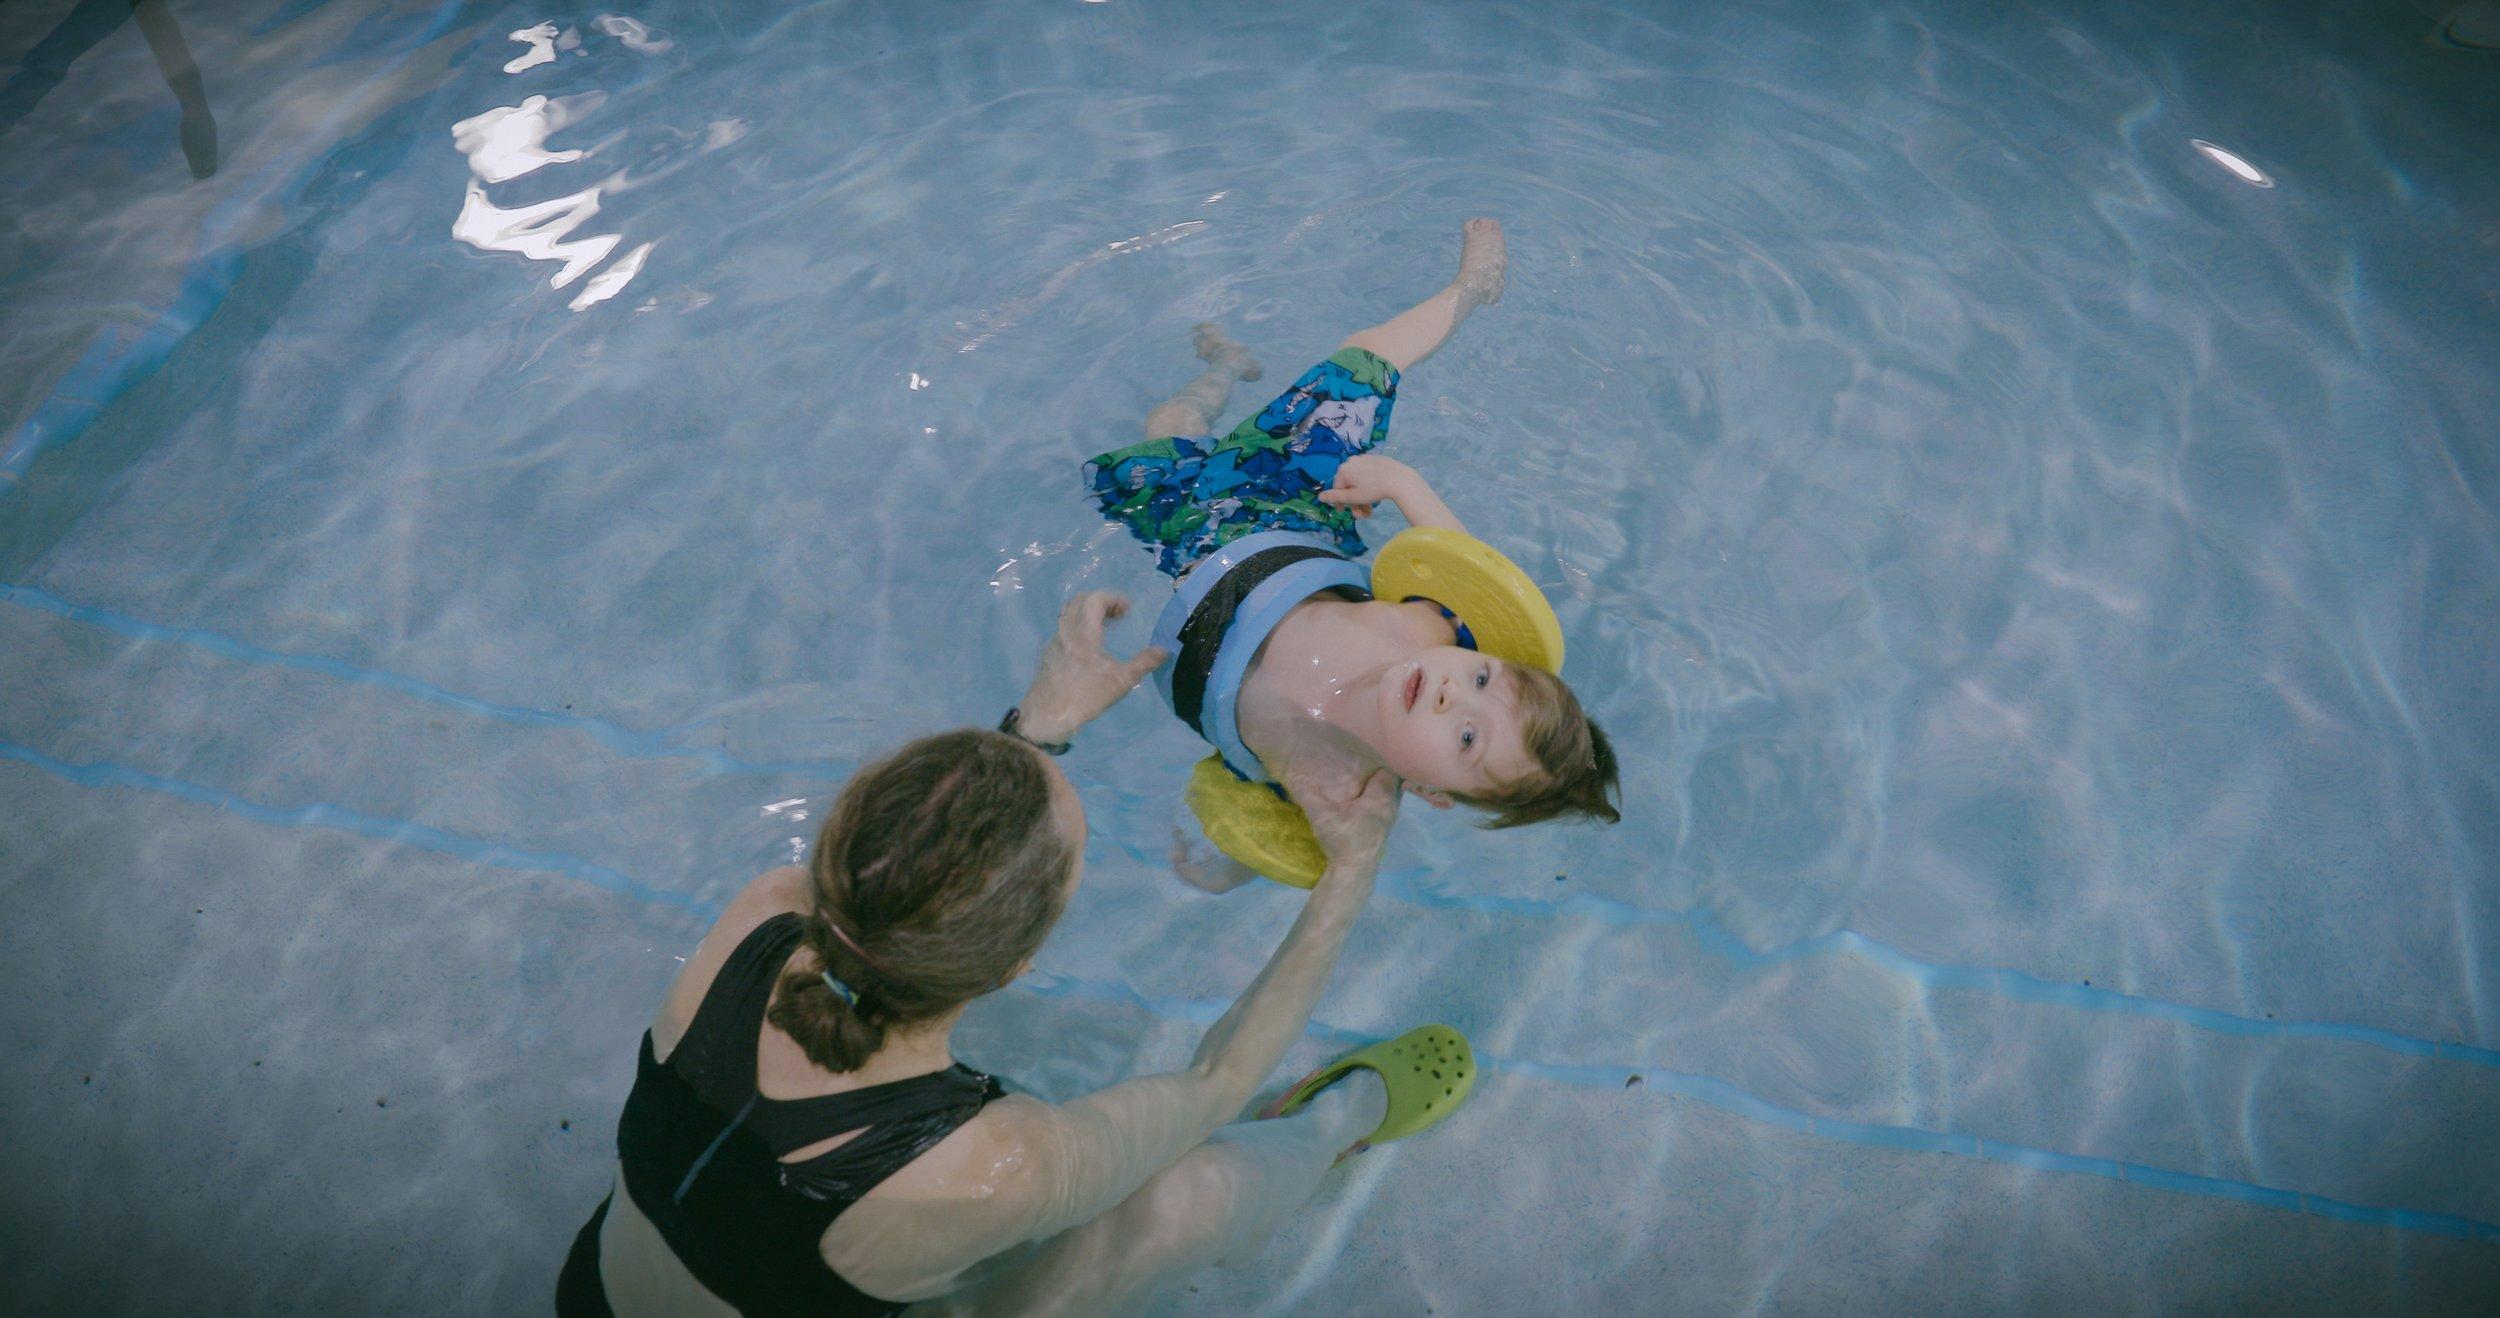 Lleyton in Pool.jpg